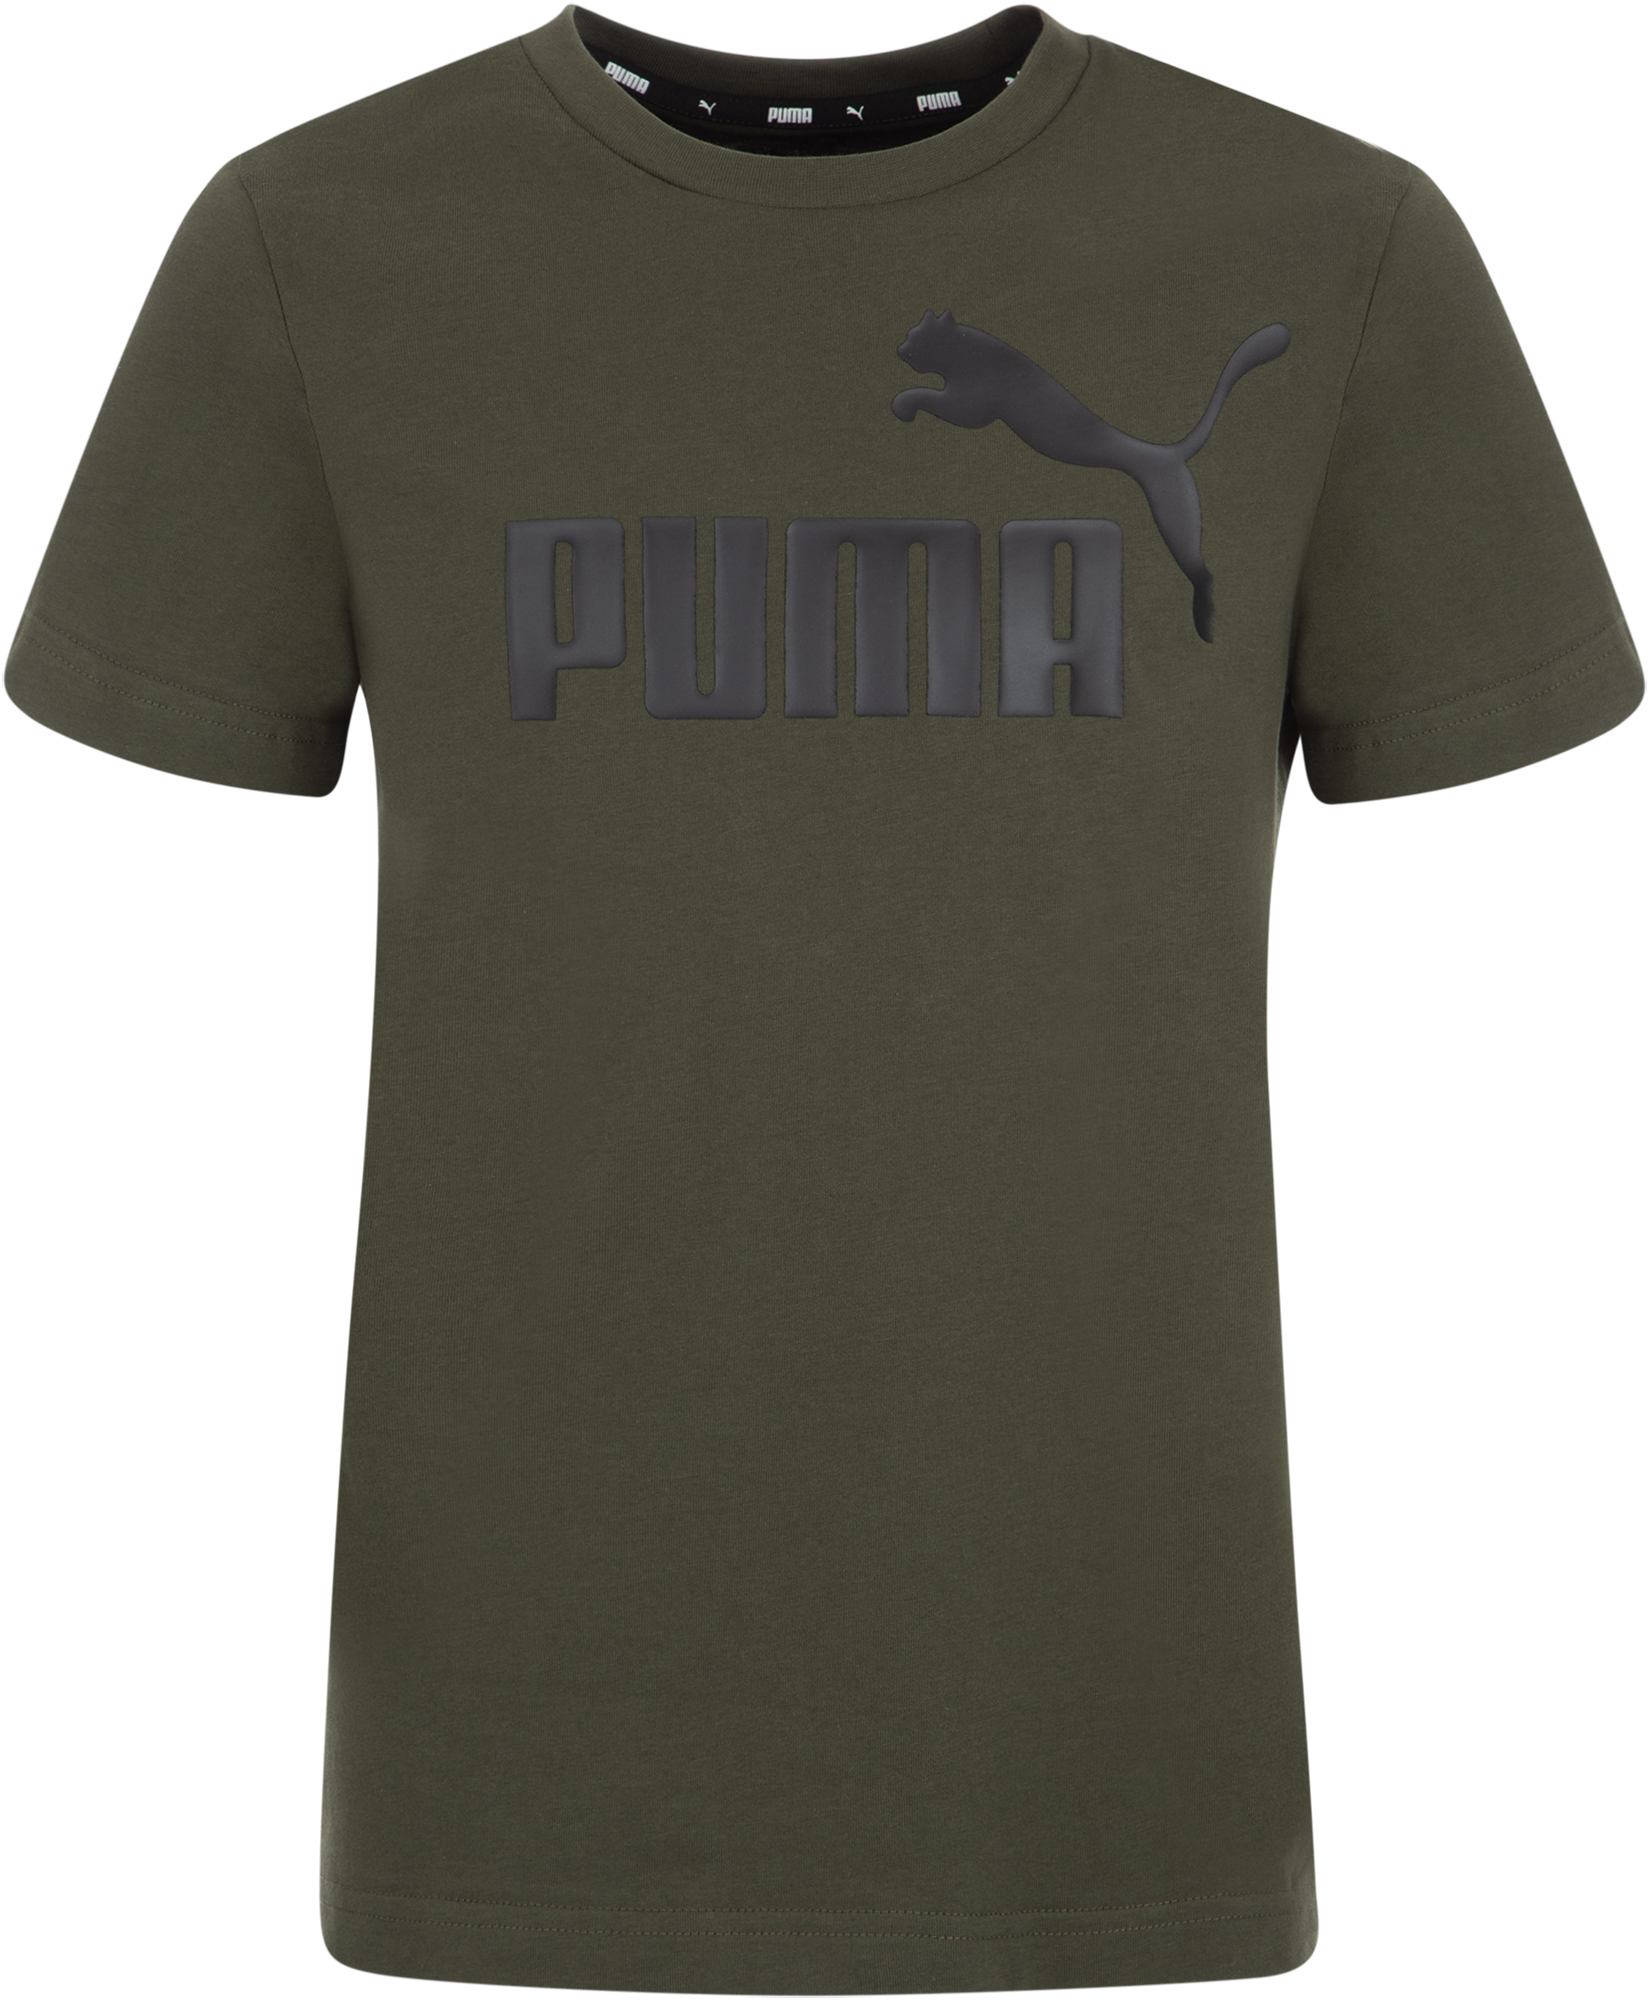 Puma Футболка для мальчиков Puma ESS Logo Tee B, размер 152